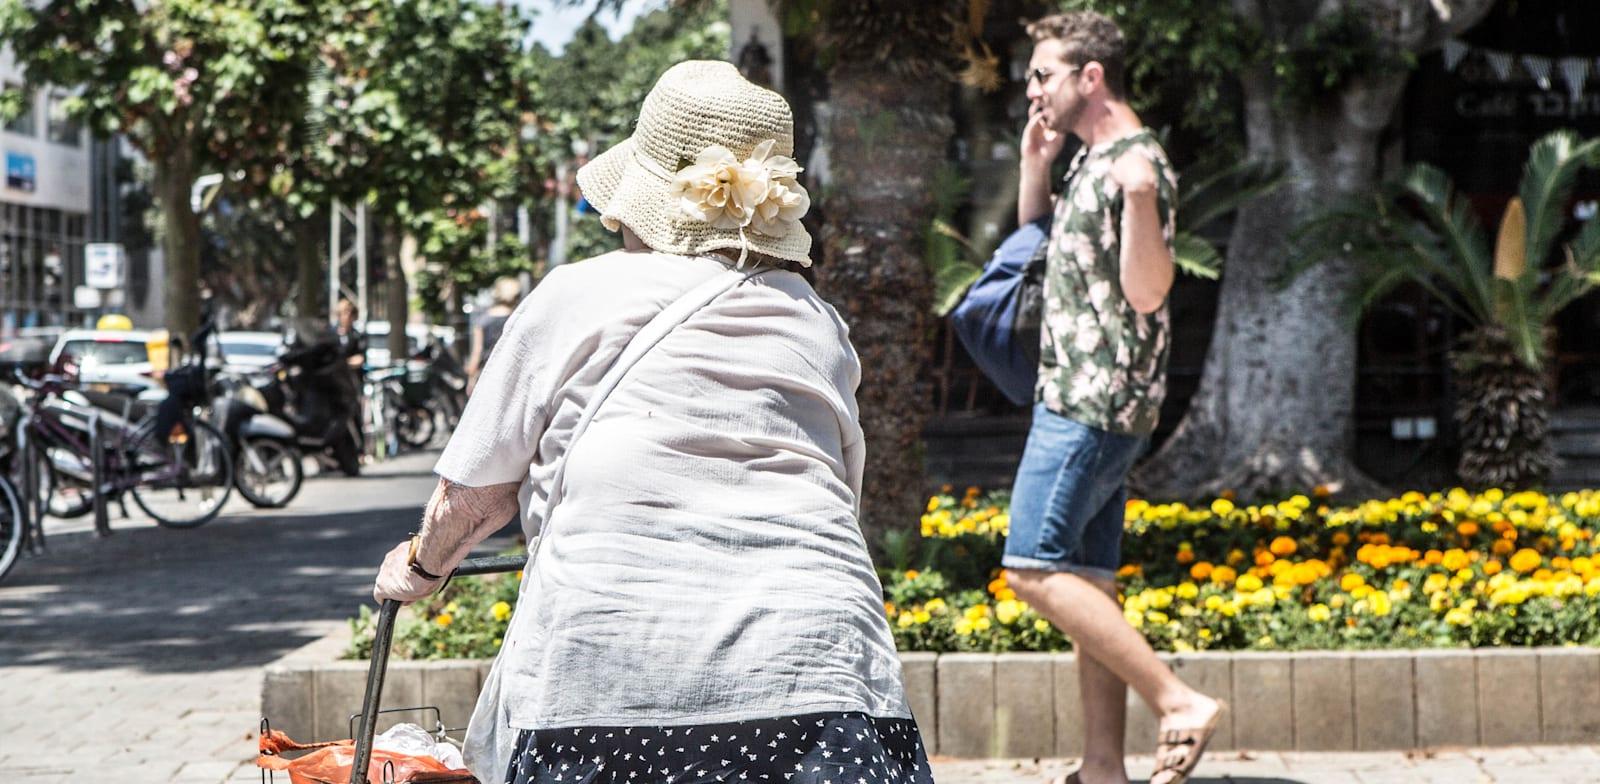 אל תאמרו העלאת גיל הפרישה, אמרו ביטול קצבת הזקנה